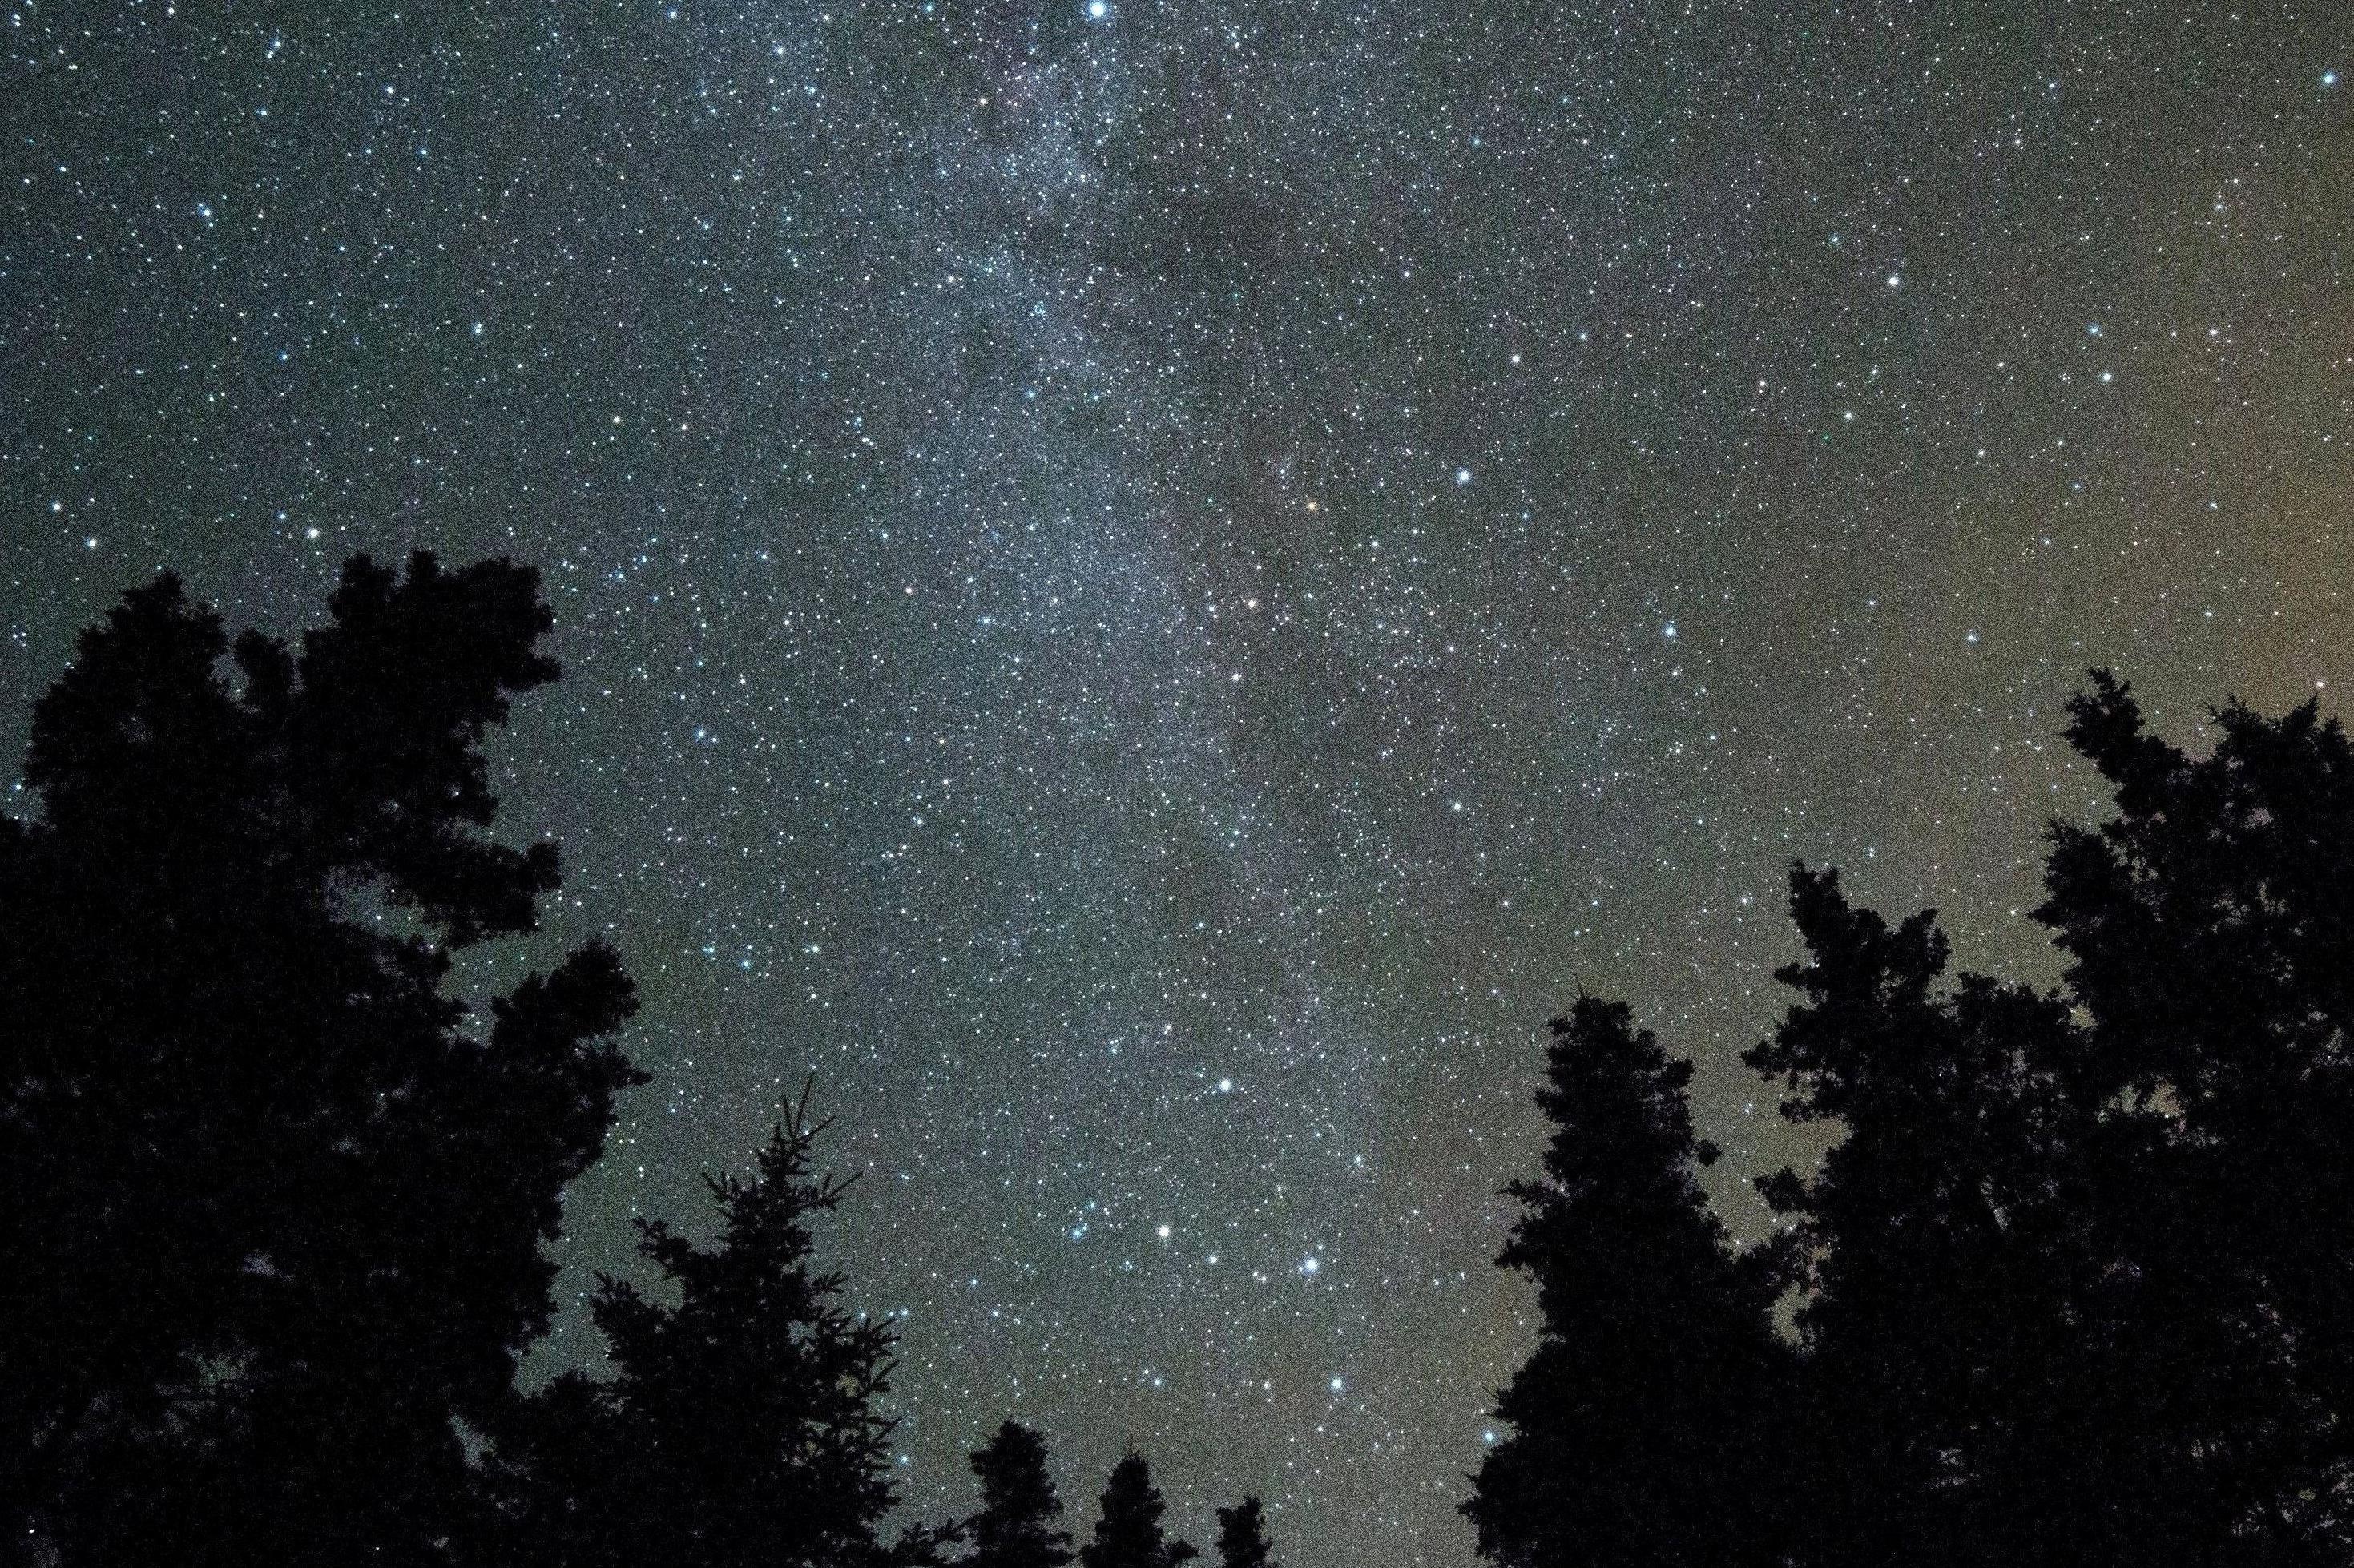 Minimalist Wallpaper Fall Free Picture Night Sky Dark Forest Stars